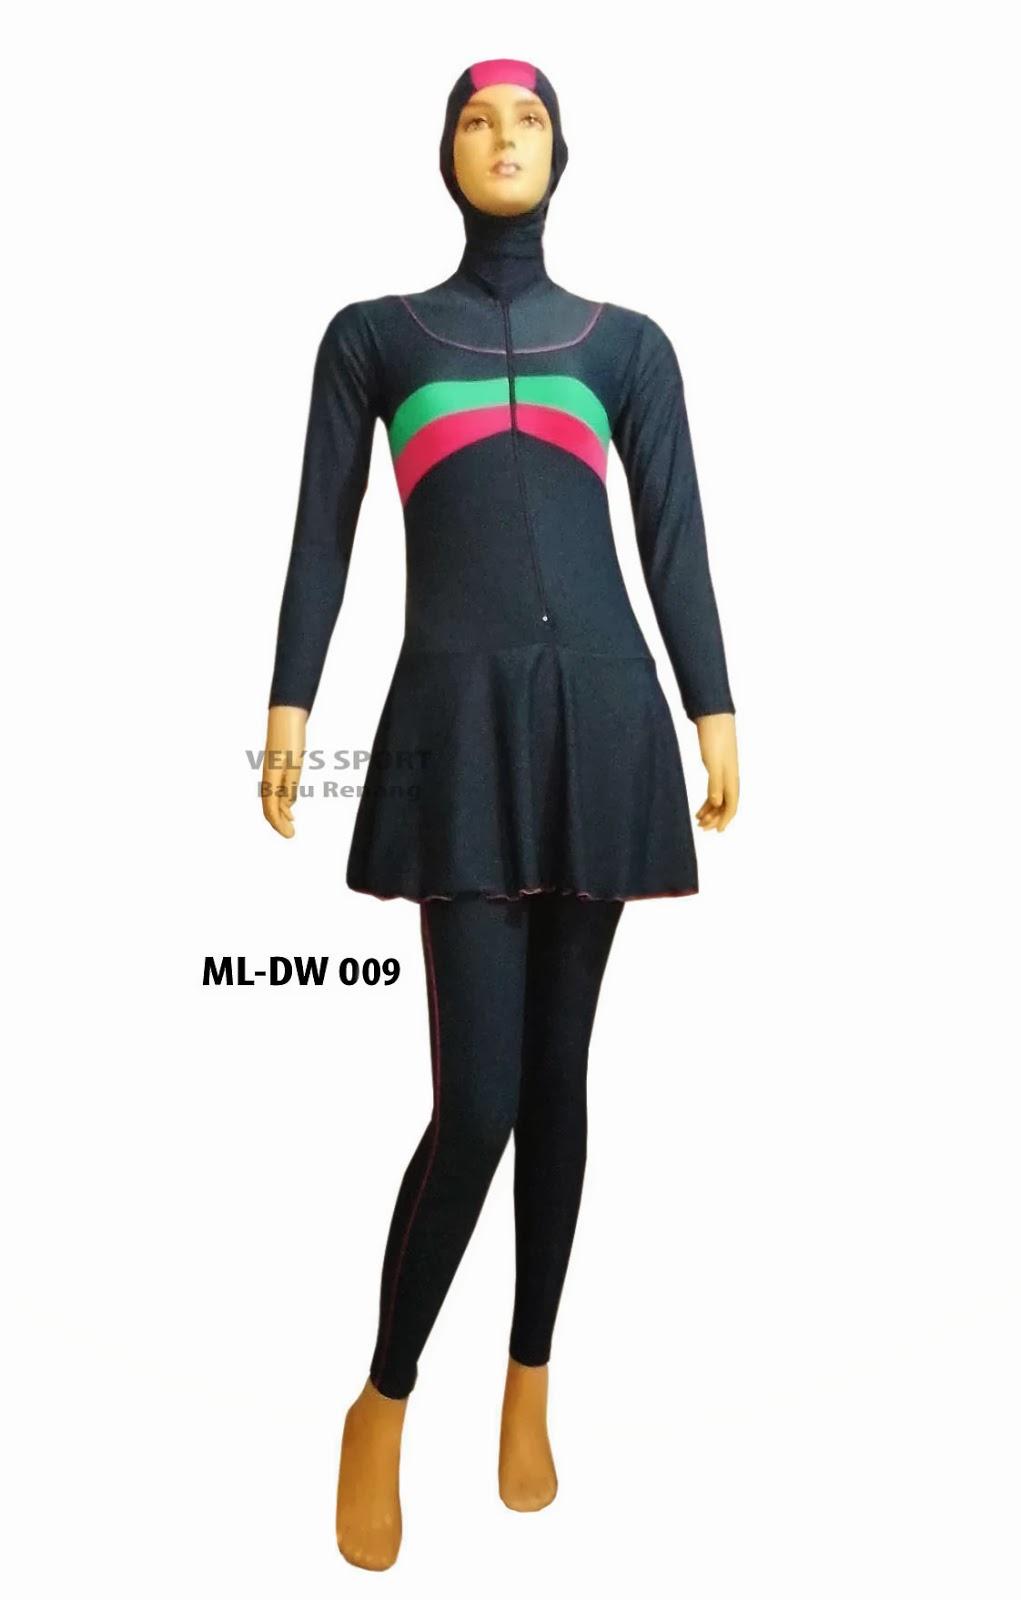 baju renang muslimah ml dw 009 adalah baju renang untuk wanita dewasa